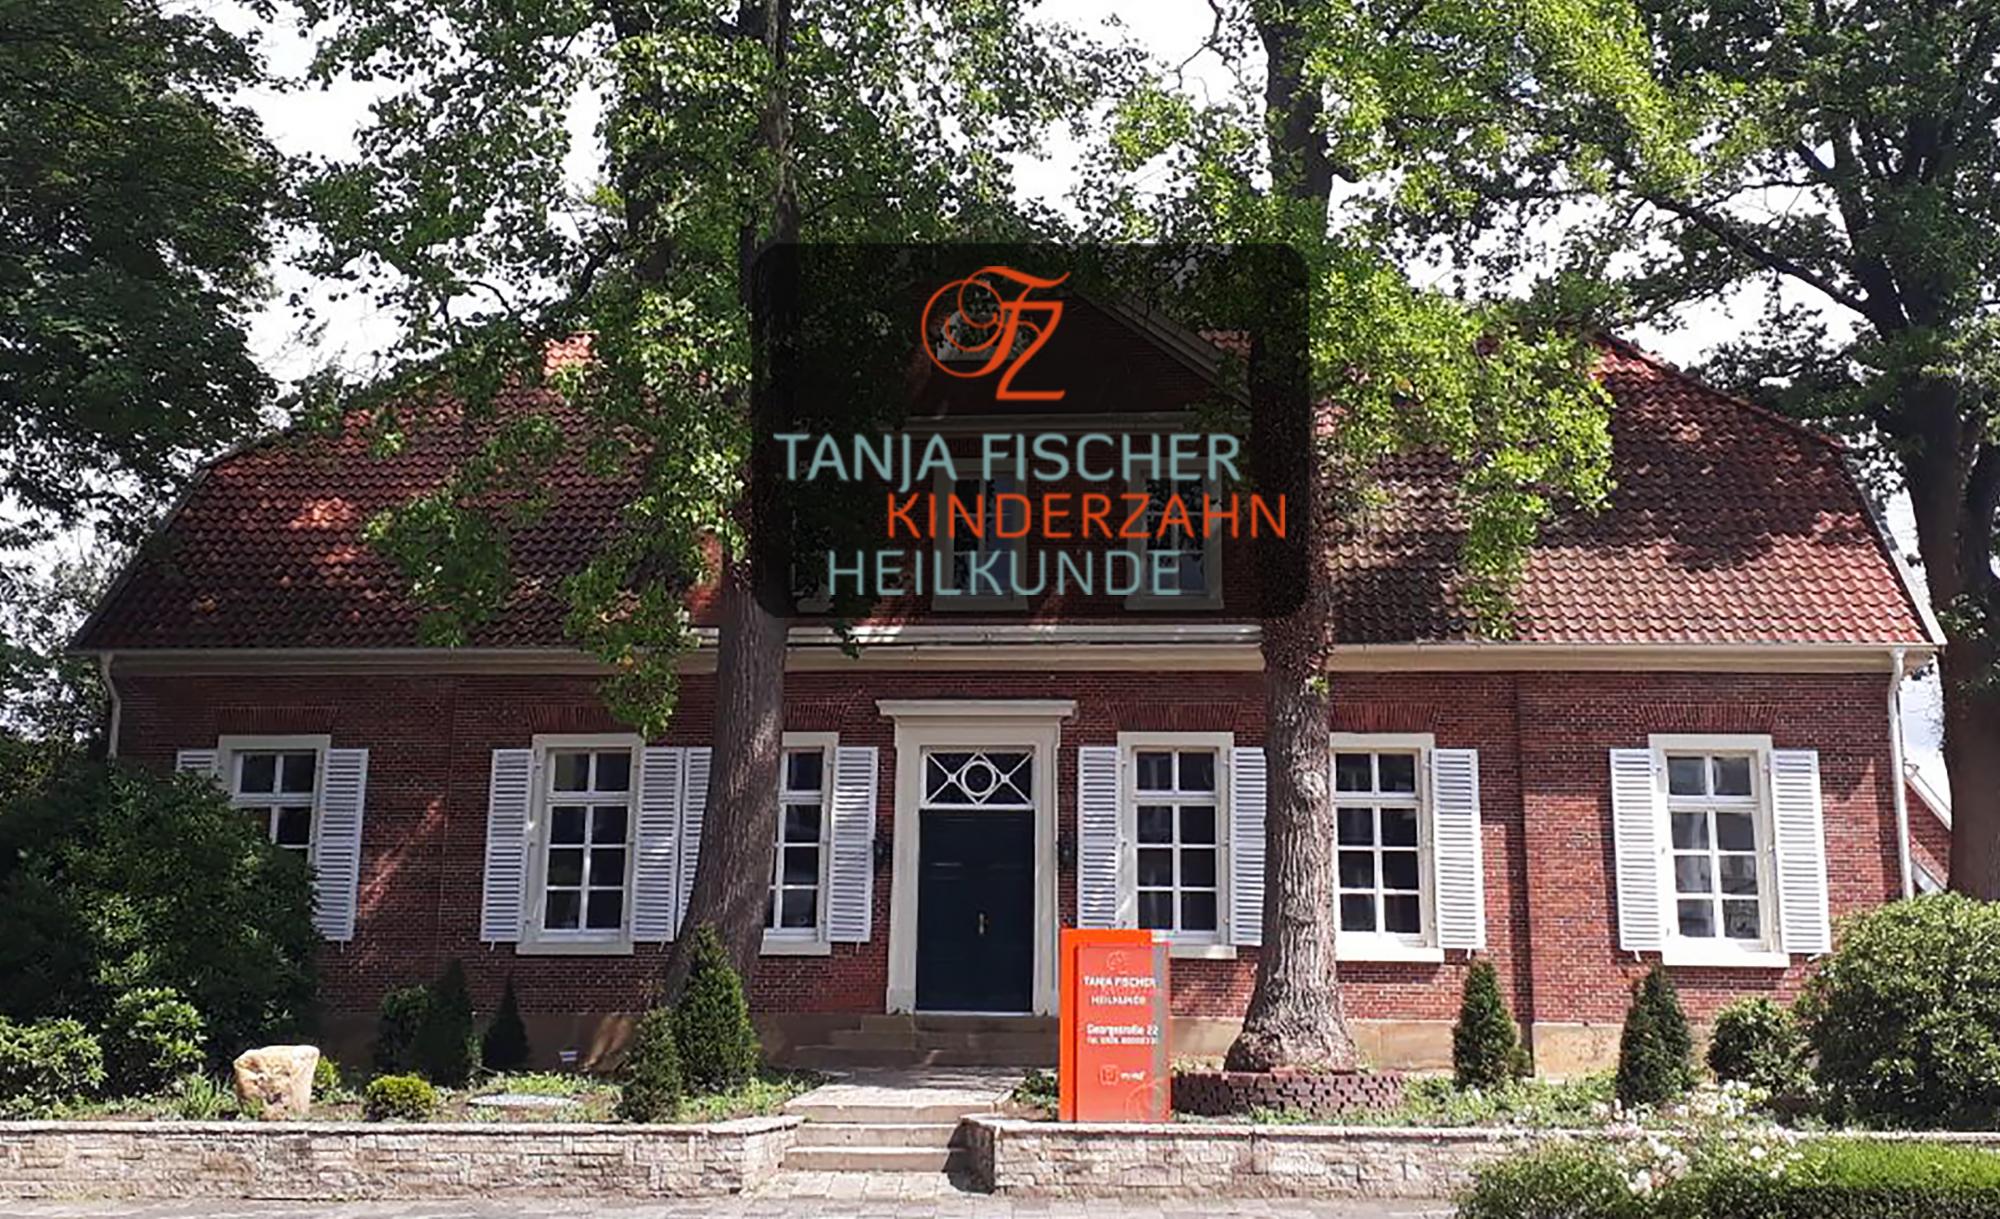 Tanja Fischer Kinderzahnheilkunde